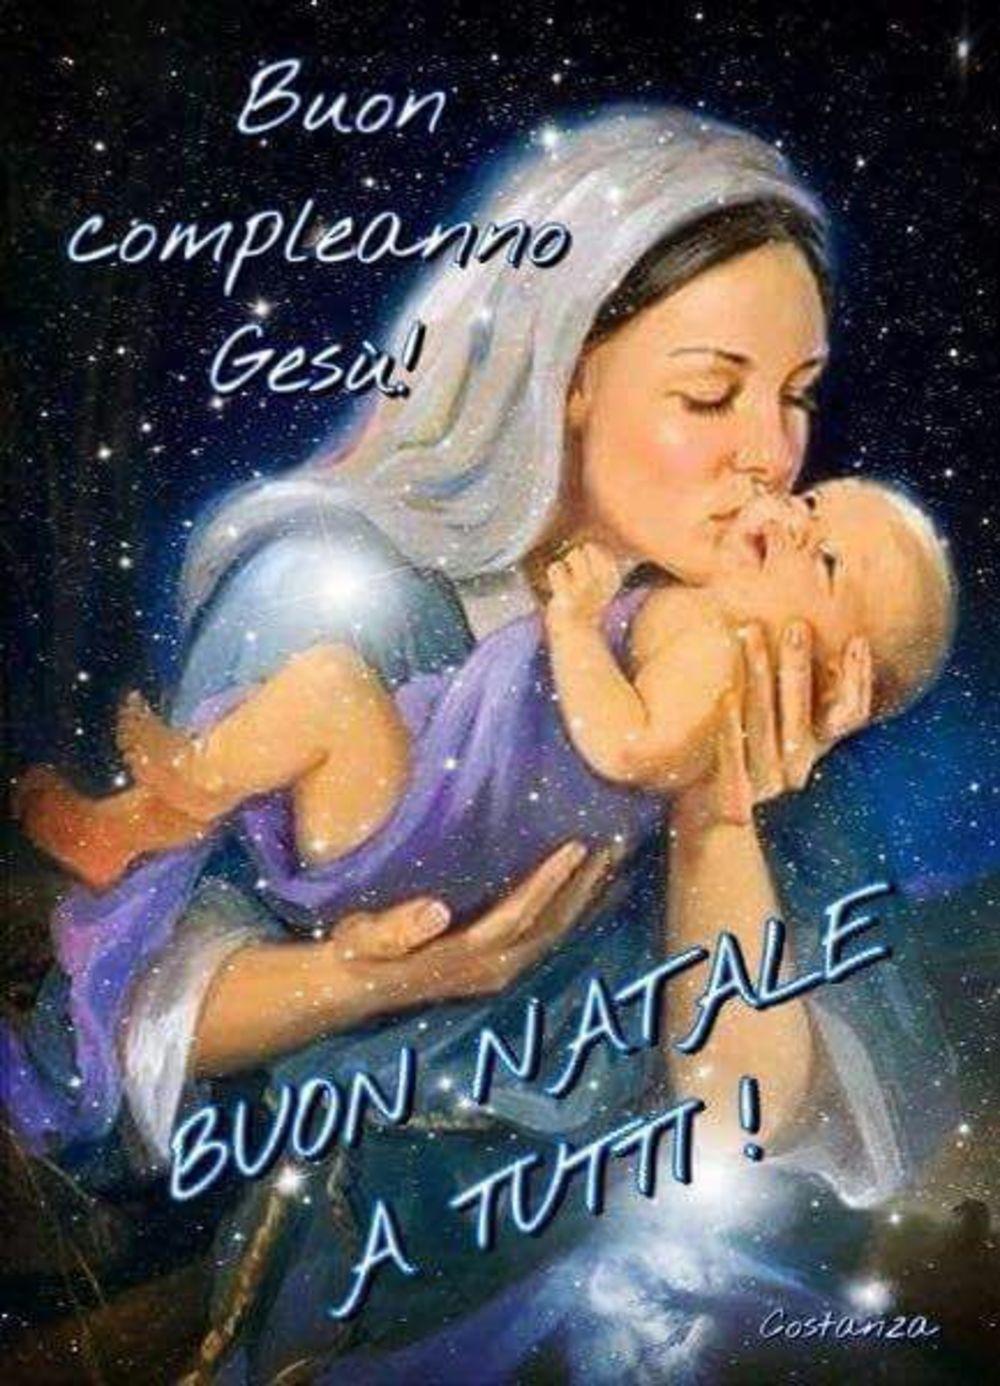 Immagini Natalizie Religiose.Buon Natale A Tutti Auguri Immagini Religiose Gesutiama It